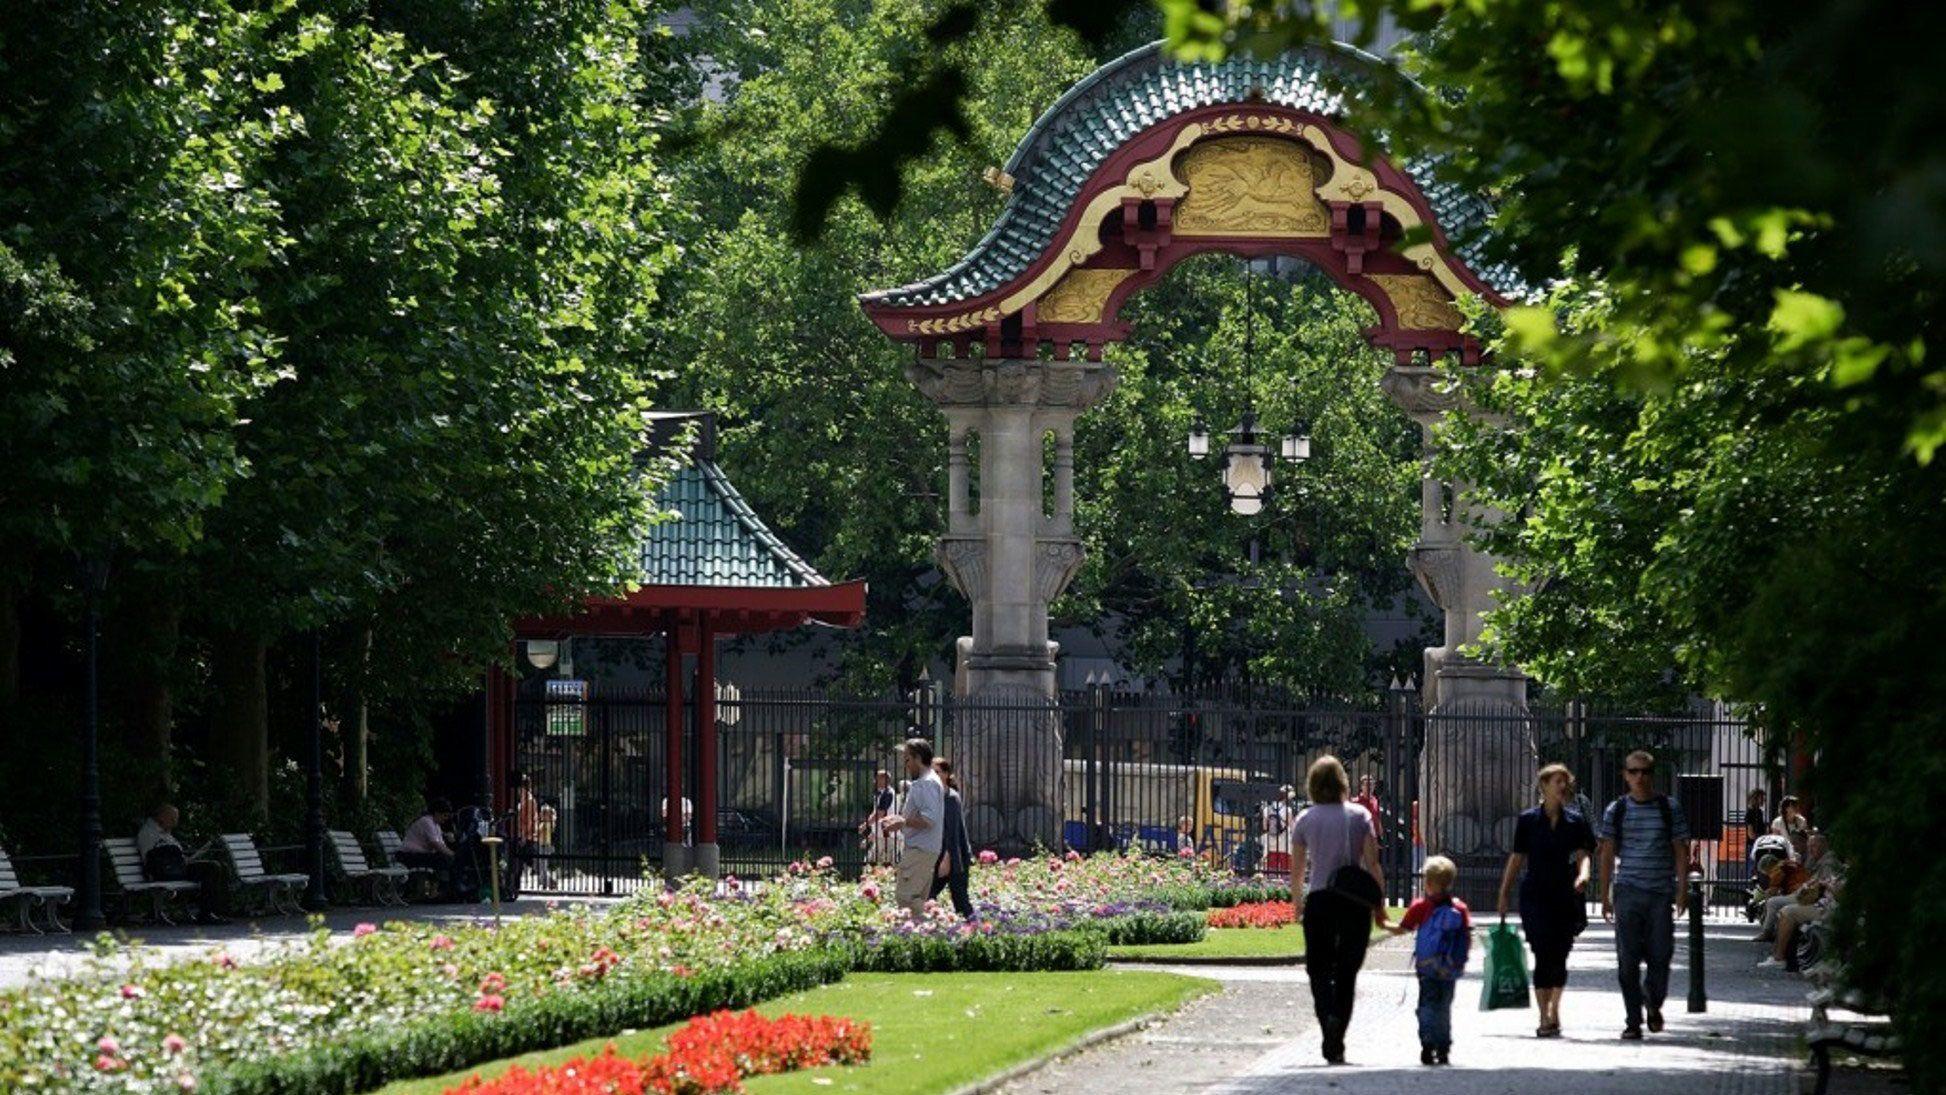 People walking through park in Berlin